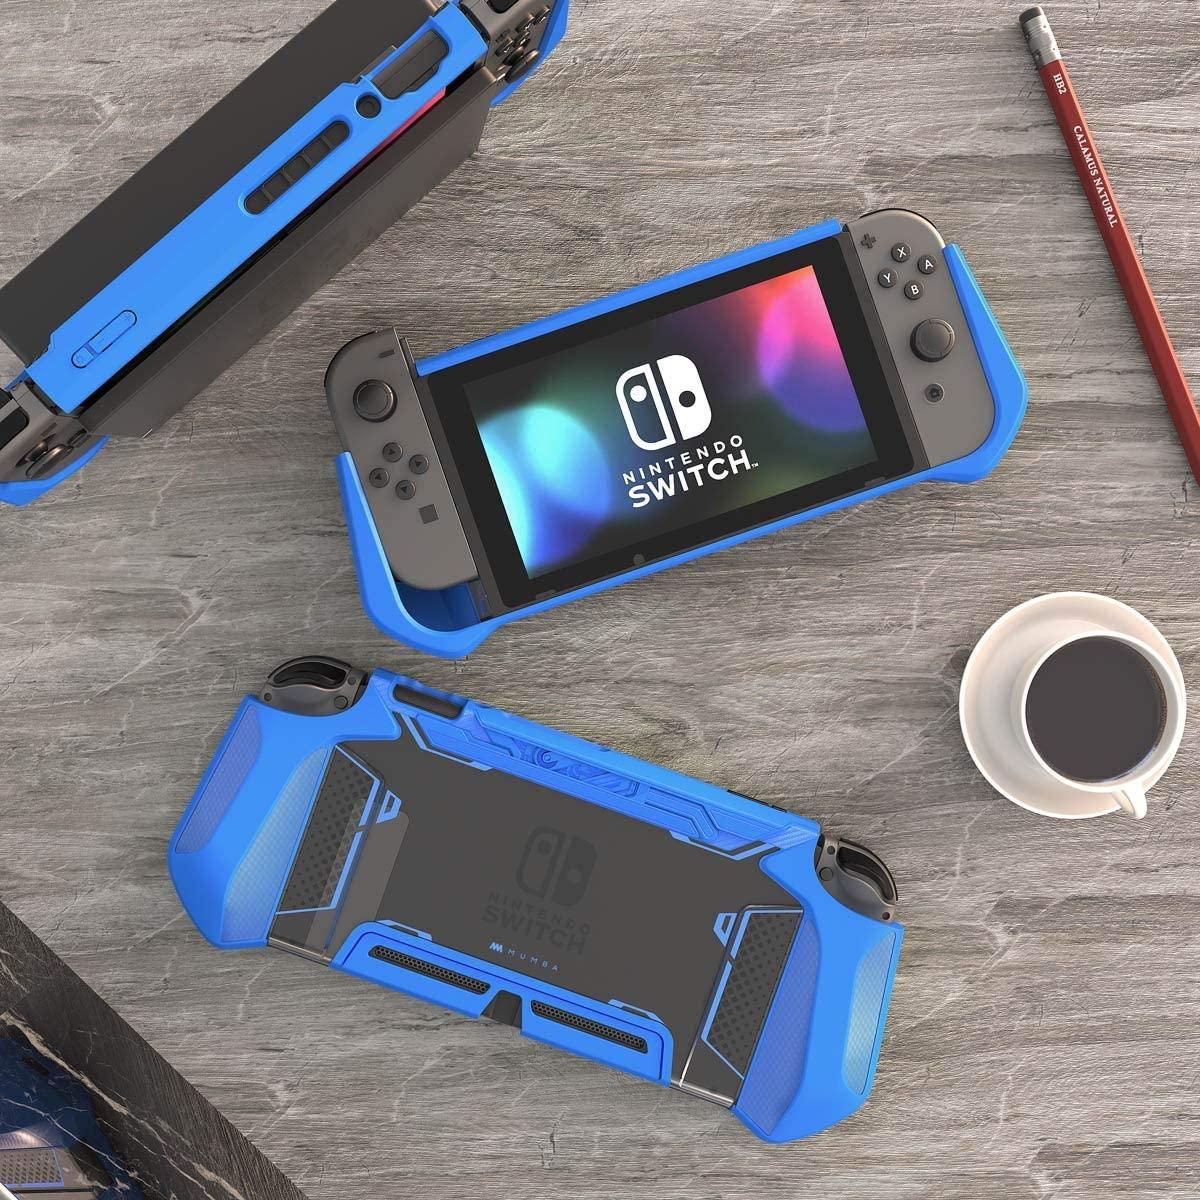 Capa protetora Mumba - Nintendo Switch - Envio Internacional